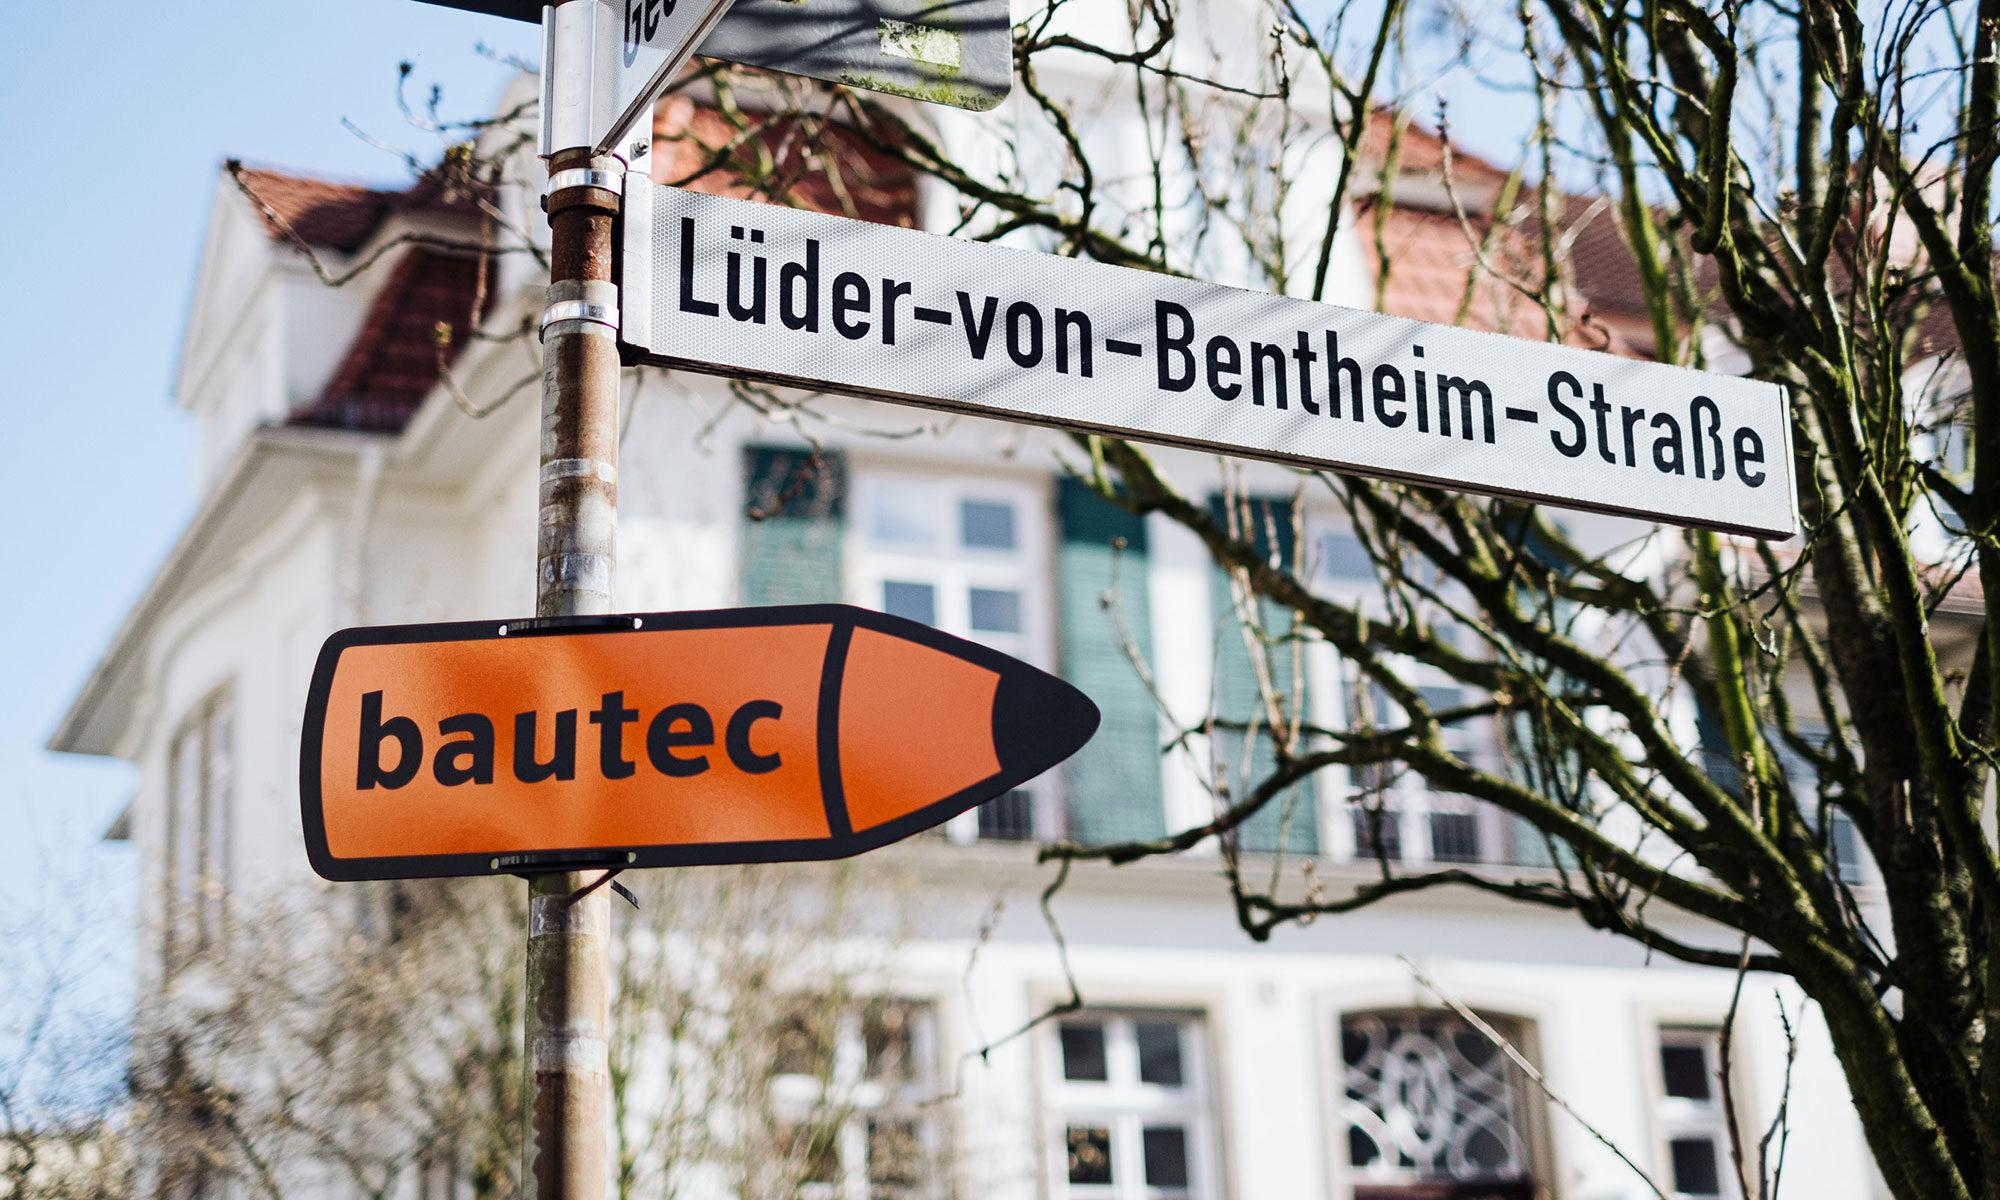 Baute Pfeil Lüder-von-Bentheim-Straße